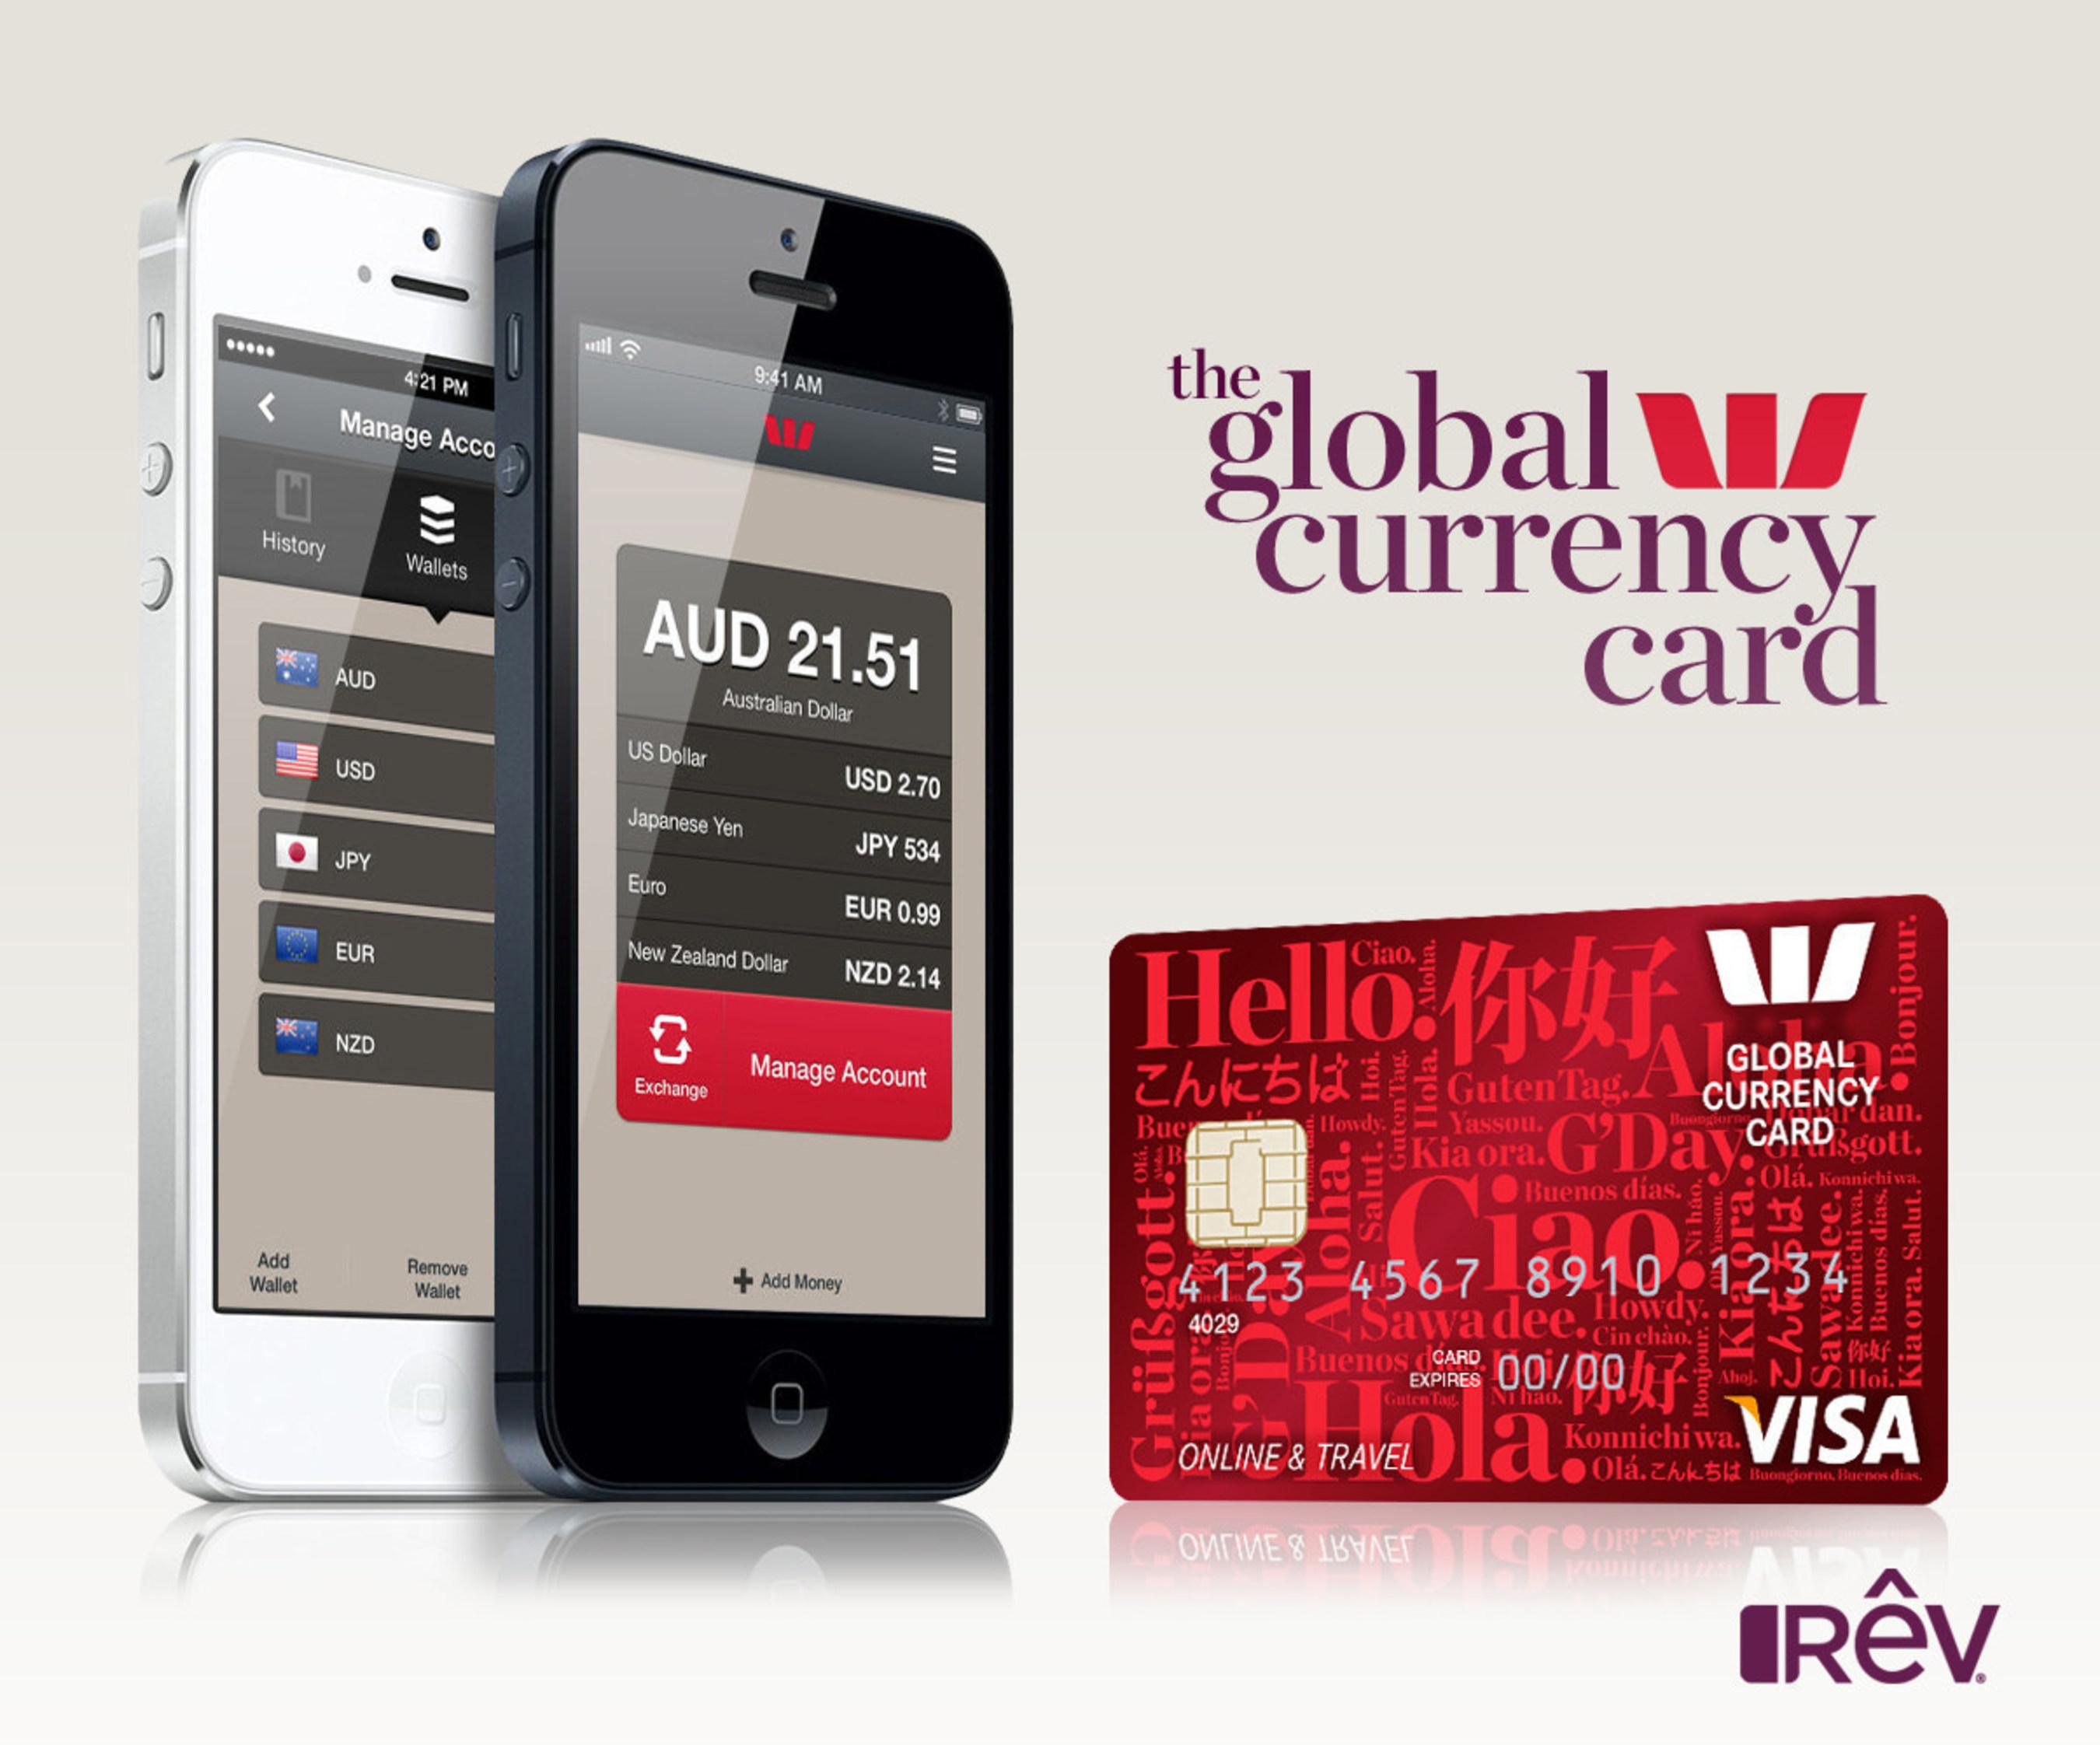 the westpac global currency card a reloadable visa prepaid card offering travelers 11 currency exchange - Buy Visa Prepaid Card